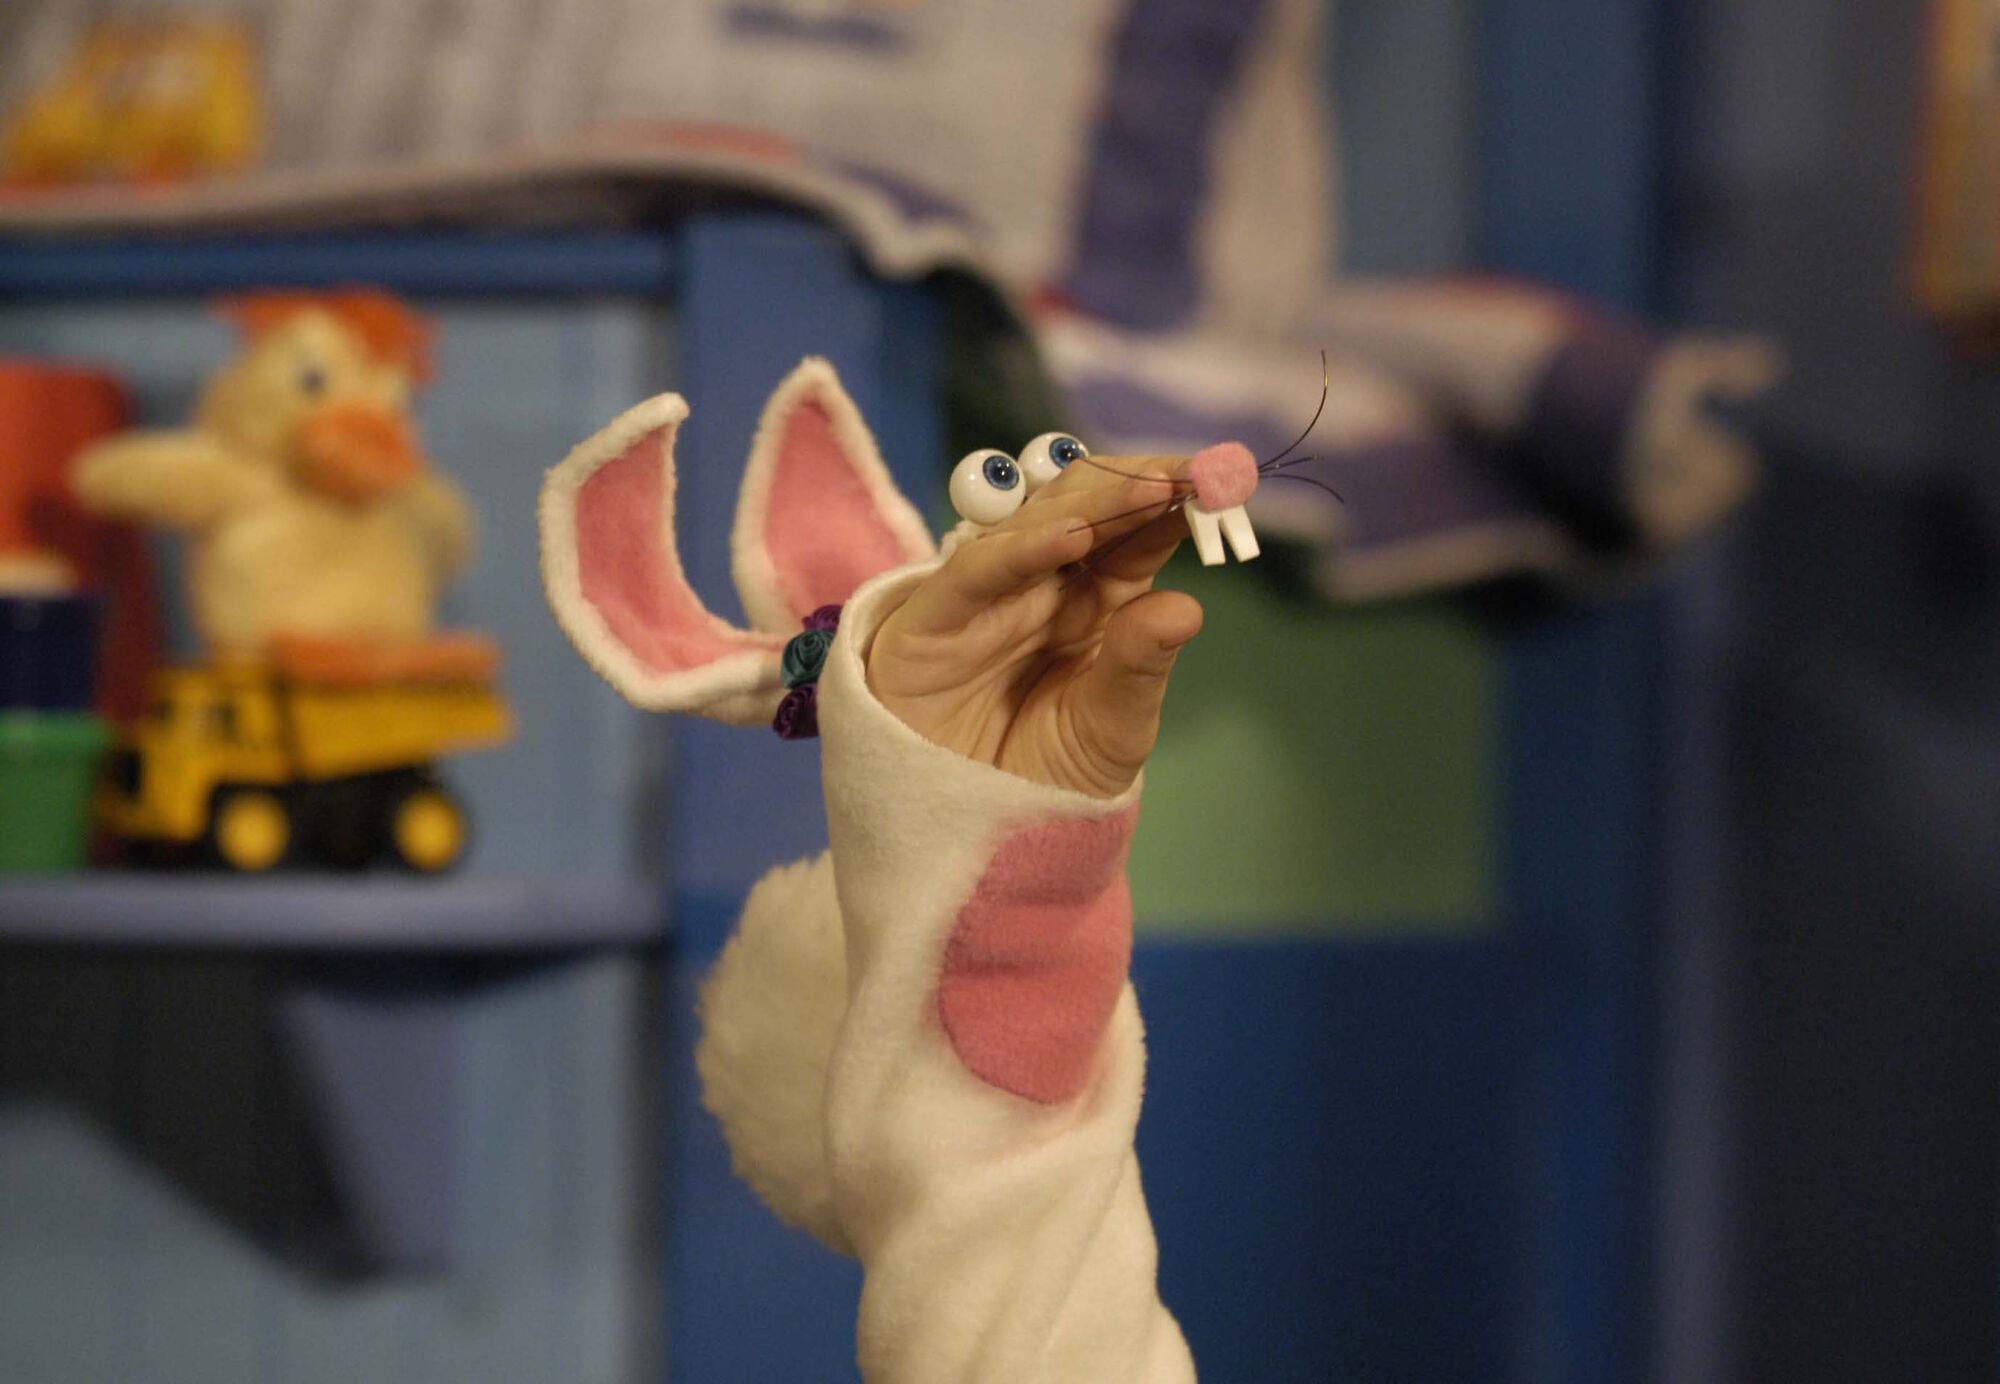 image oobi uma nick jr noggin tv series show hand puppet - Oobi Halloween